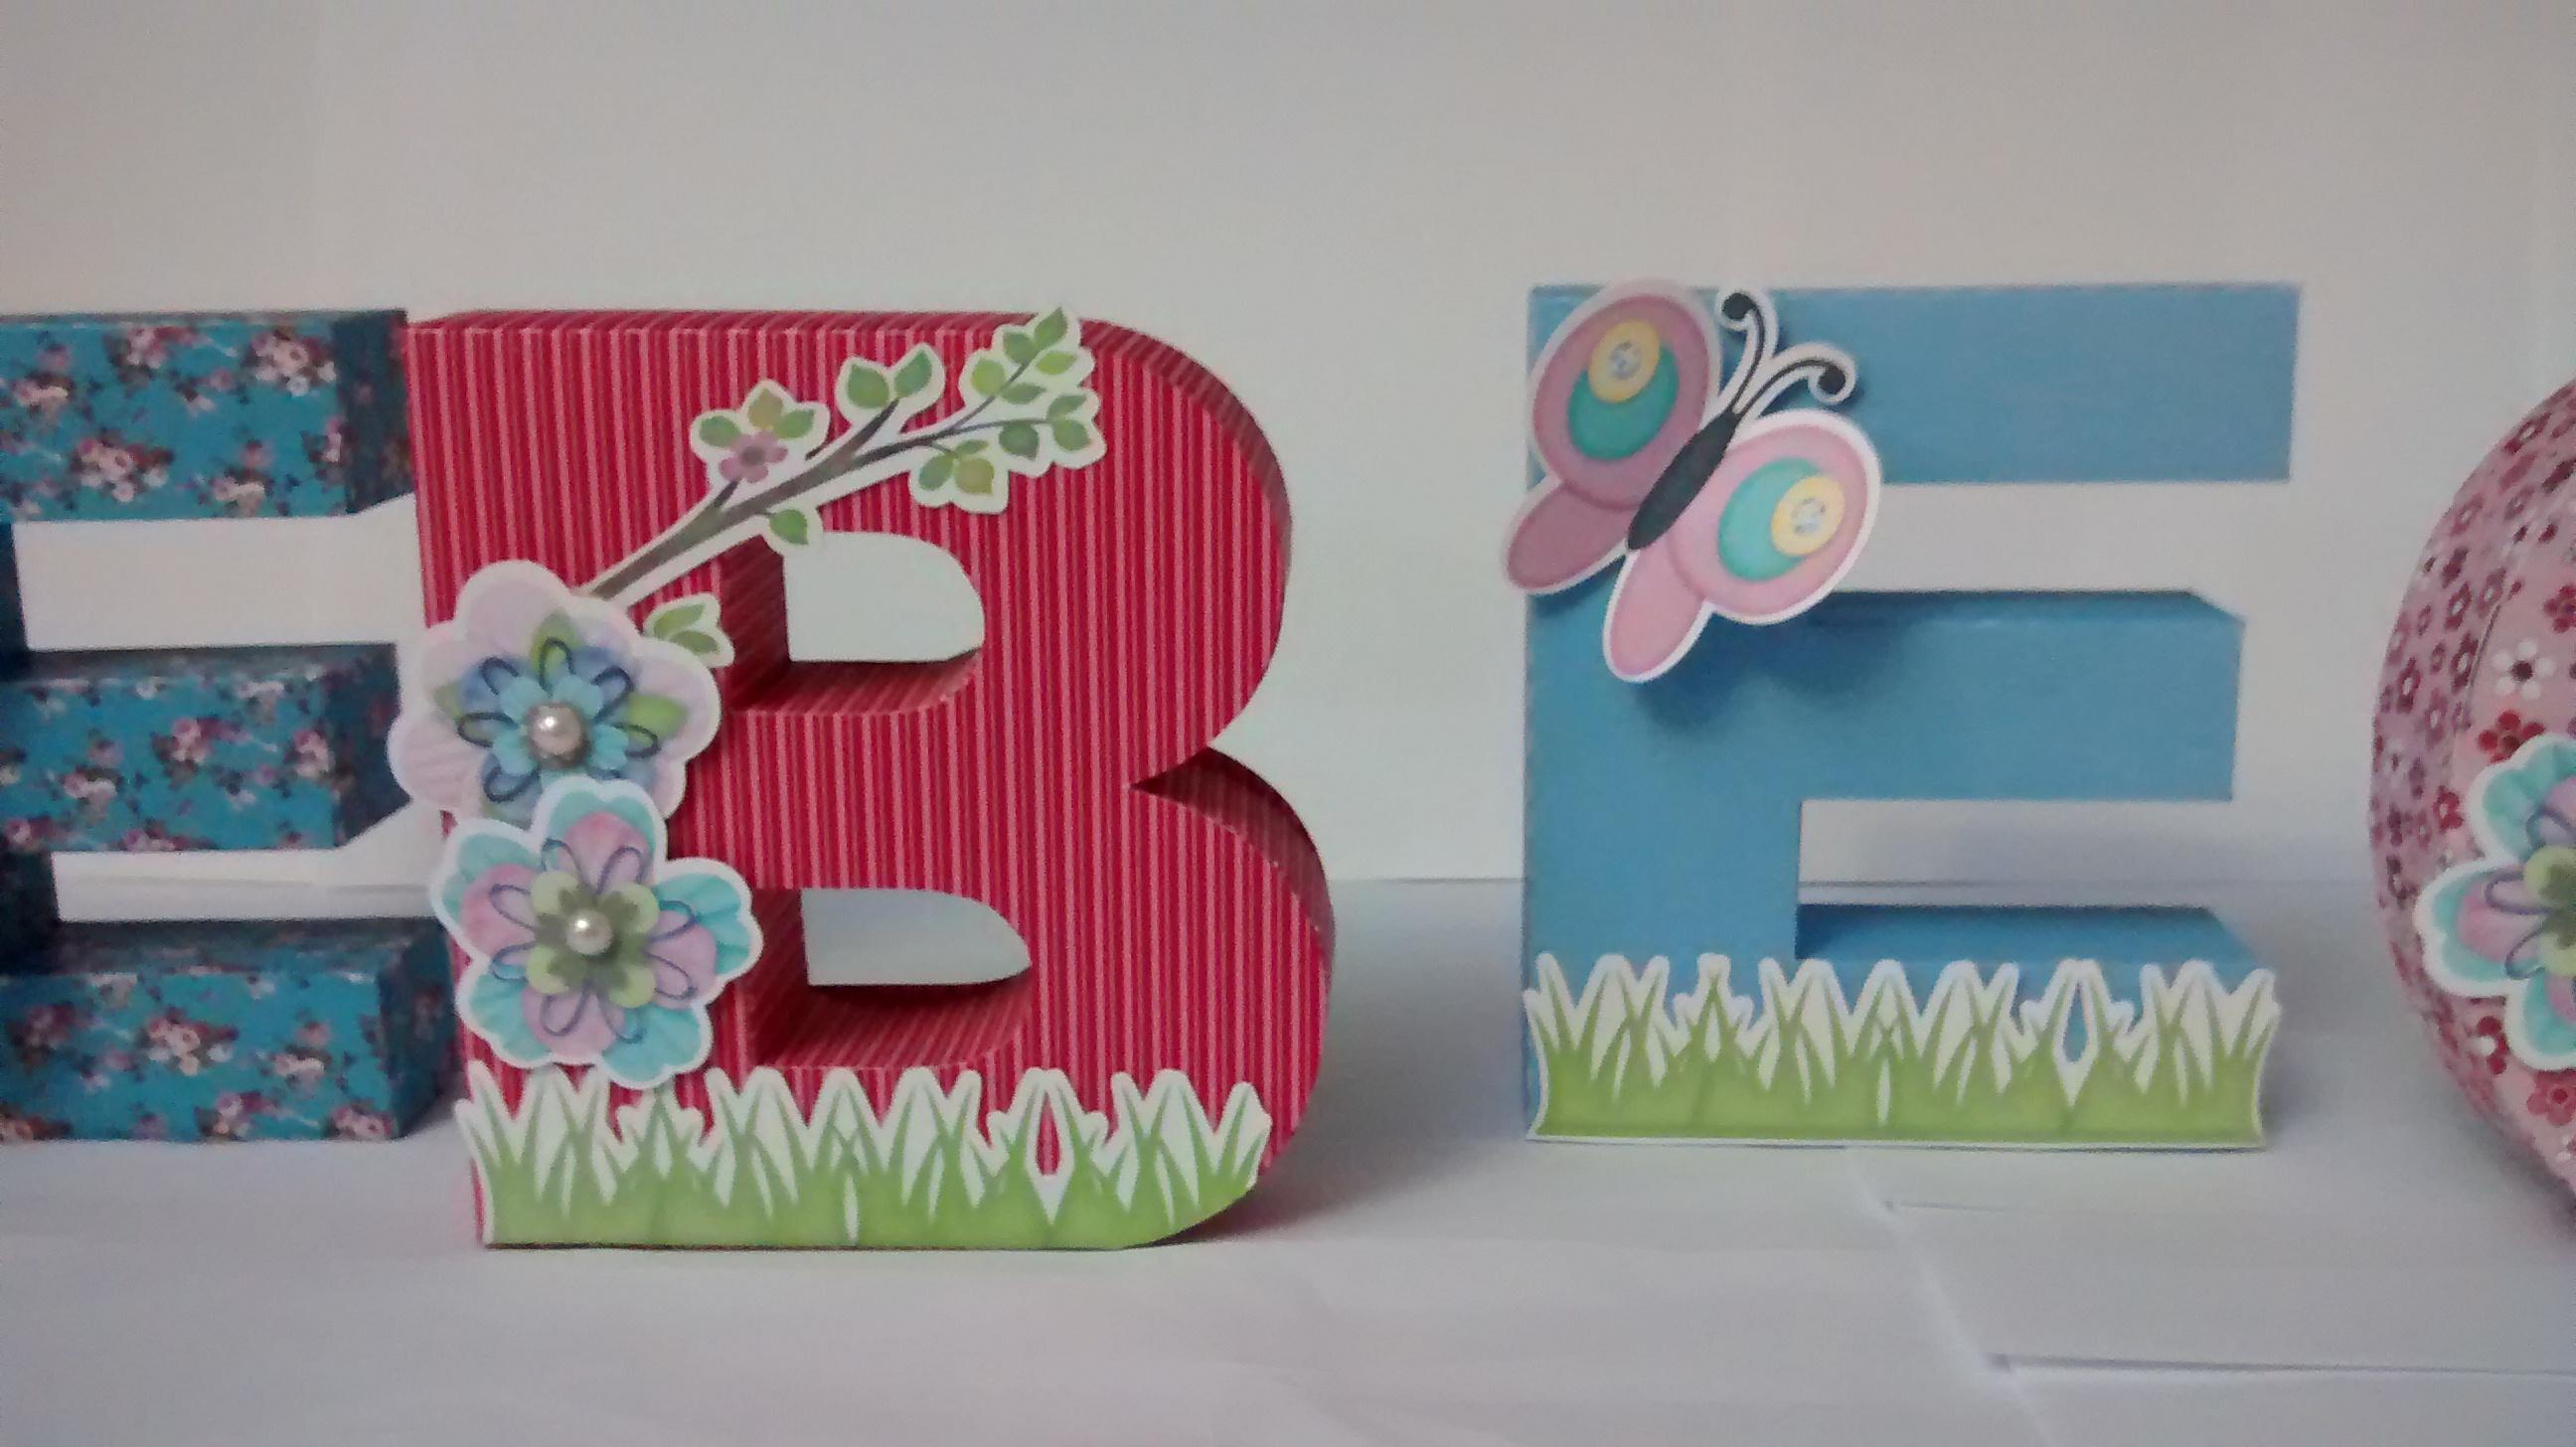 flores no jardim letra: letras 3d jardim das flores festa letras 3d jardim das flores